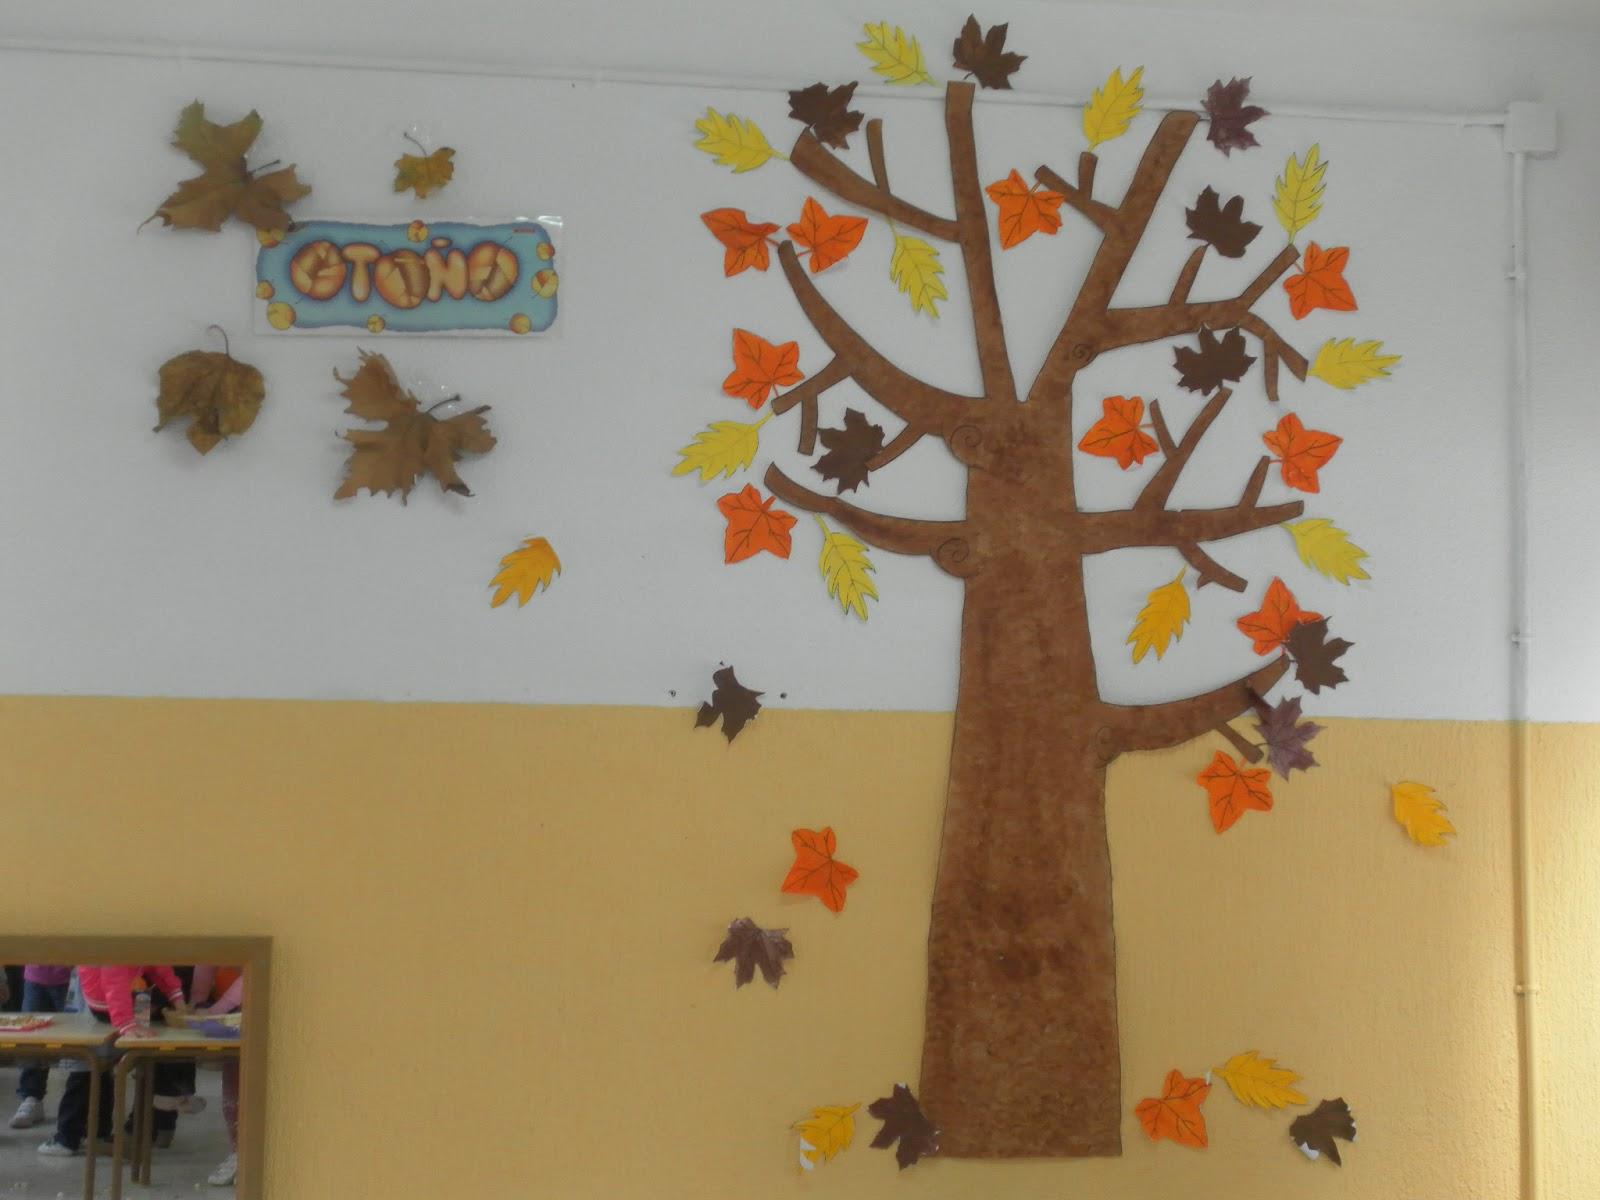 El blog de educaci n infantil del ceip r o chico c diar for Decoracion otono infantil